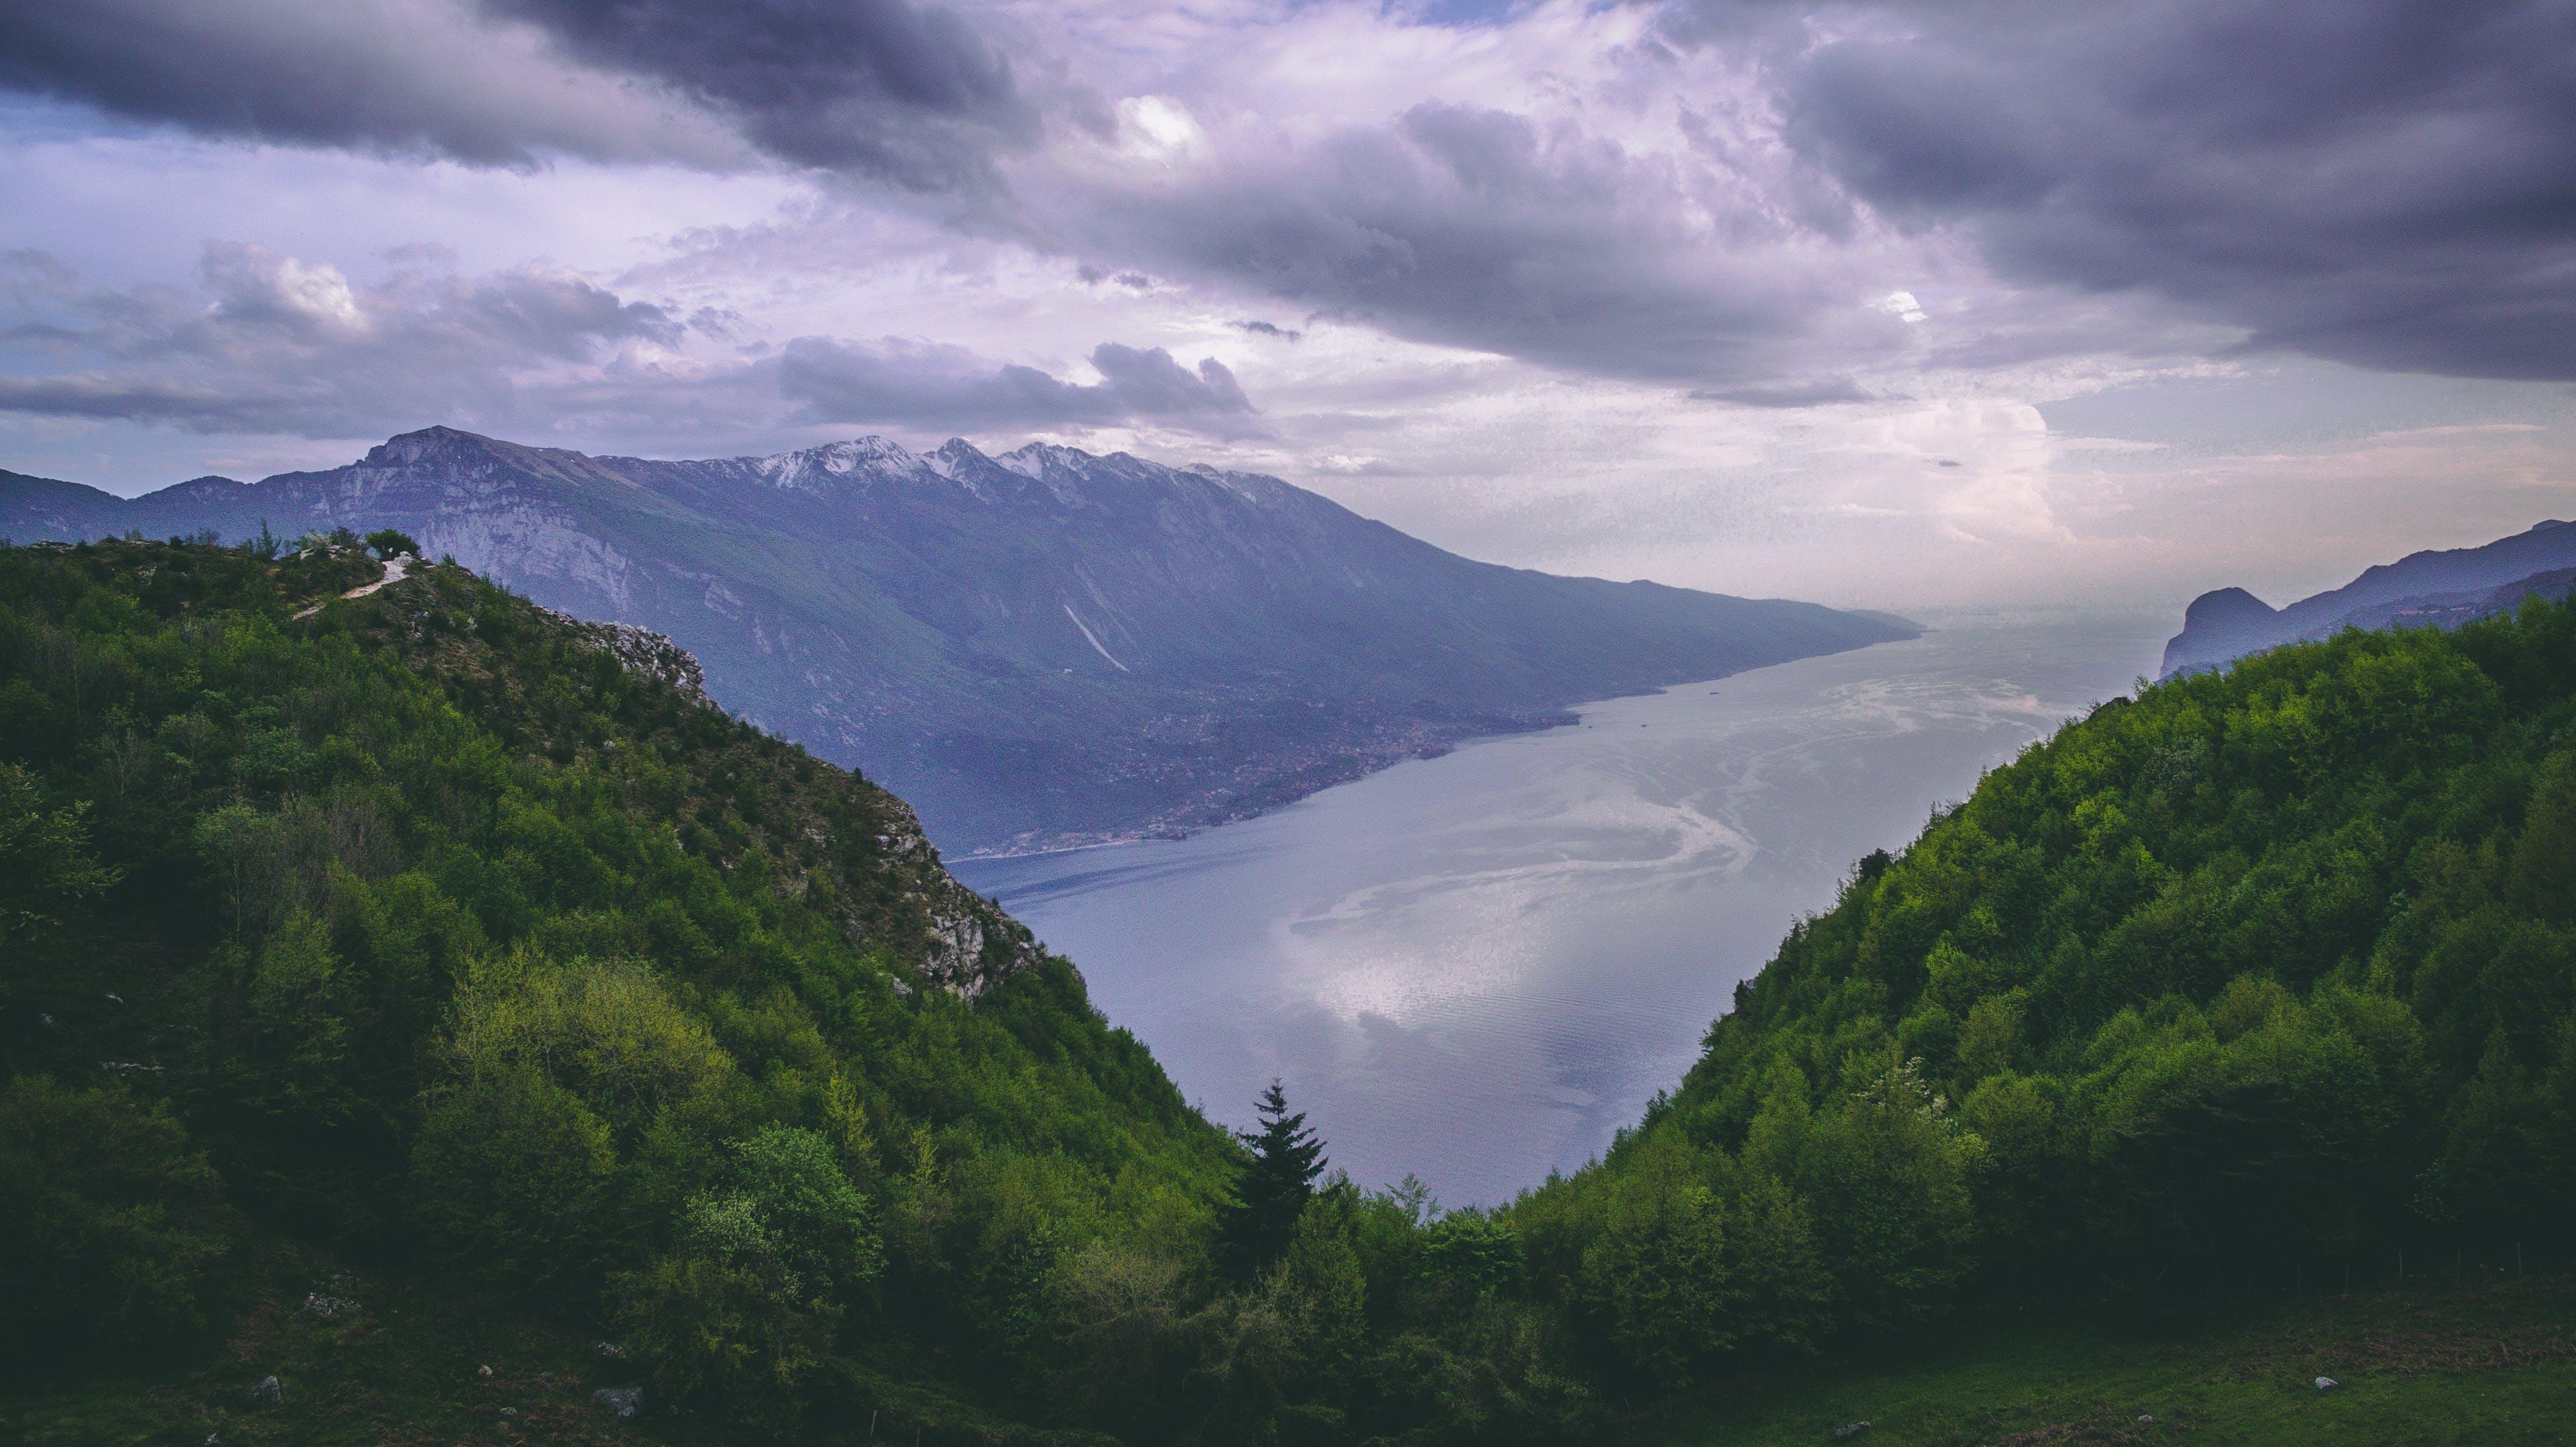 ağaçlar, bulutlar, çevre, çim içeren Ücretsiz stok fotoğraf